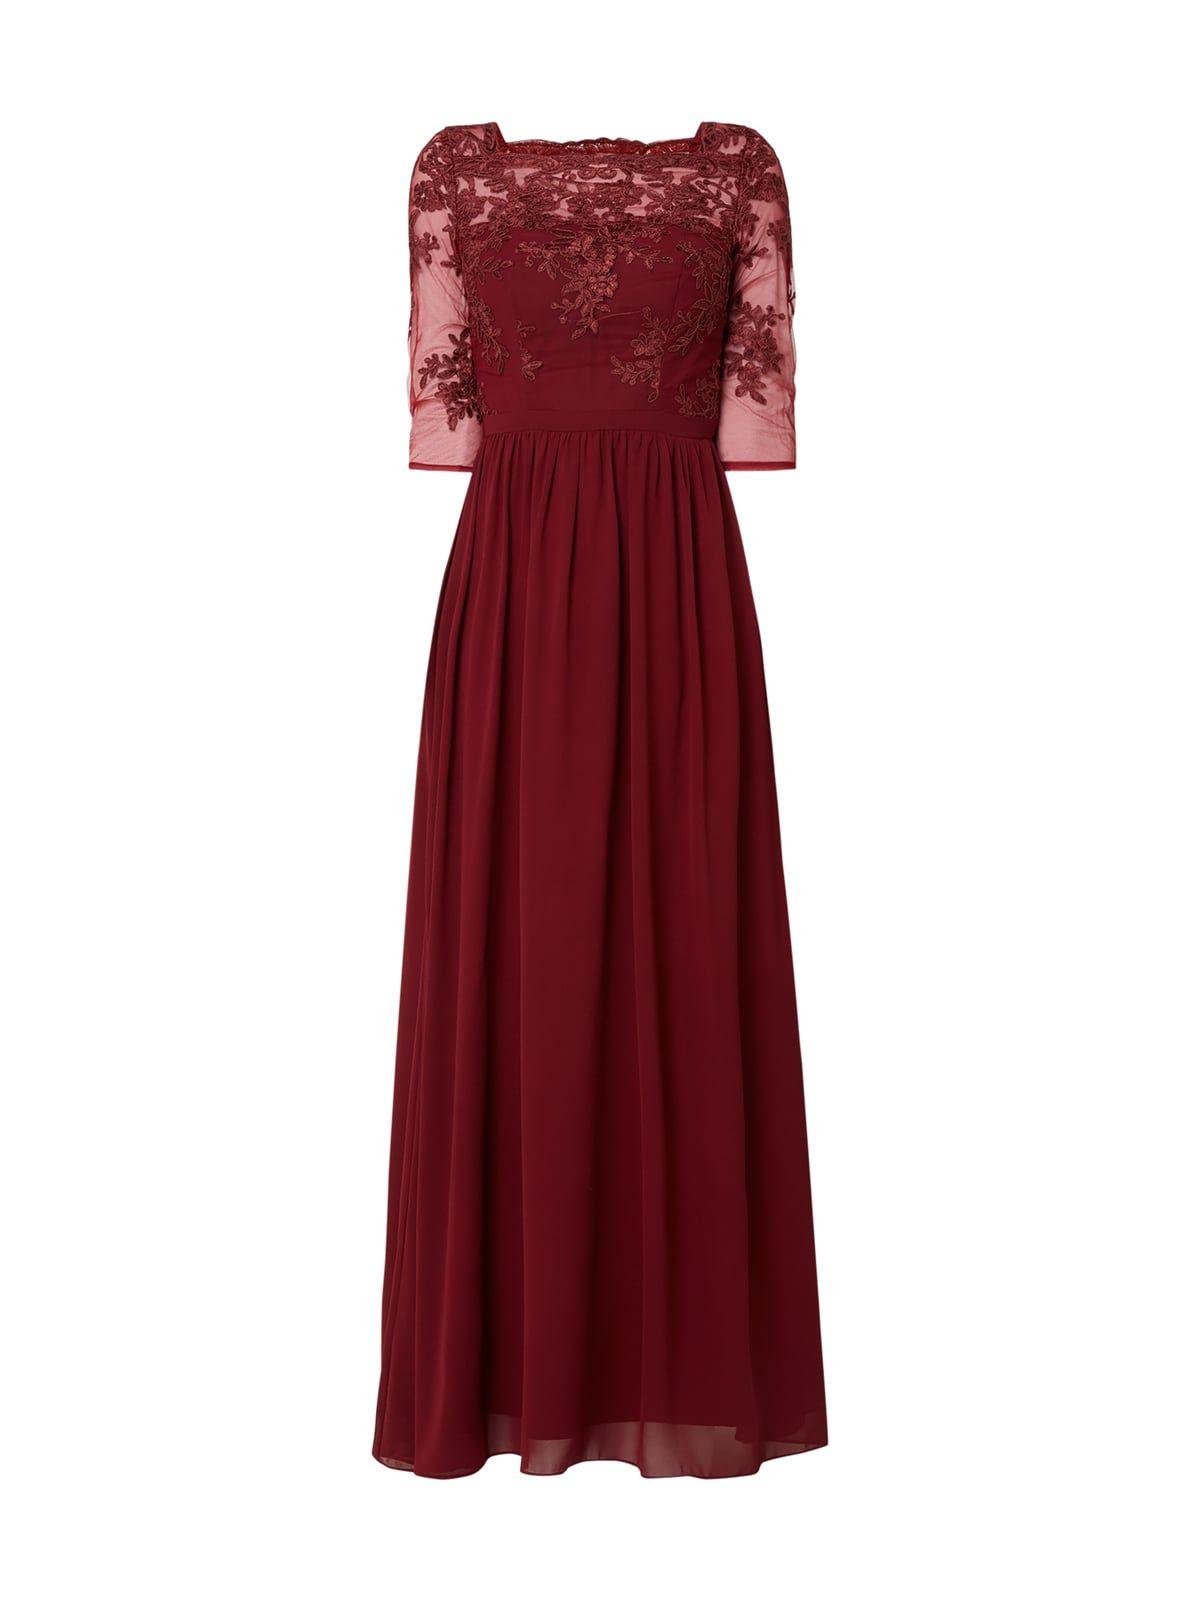 Chi Chi London Abendkleid Aus Chiffon Und Mesh In Rot Online Kaufen 9908763 P C Online Shop Abendkleid Abendkleid Bordeaux Kleid Bordeaux